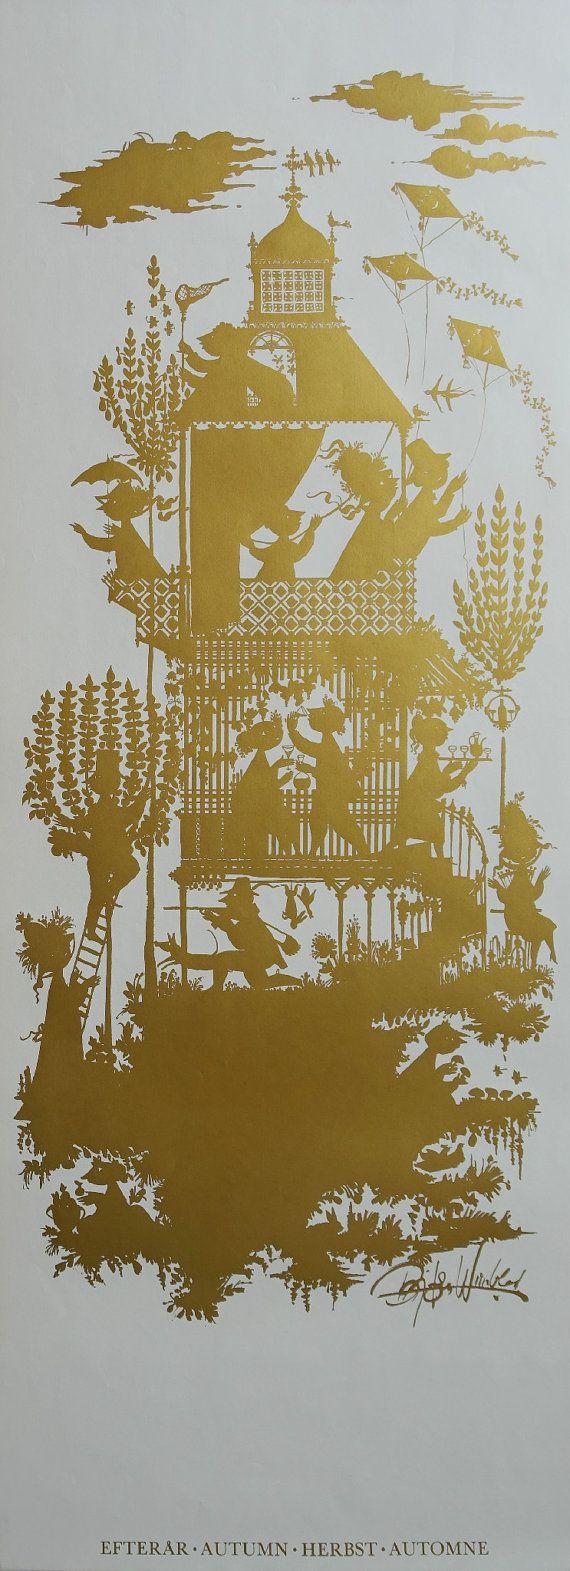 """1960s Bjørn Wiinblad """"Autumn"""" (Golden edition) - Original Vintage Poster"""